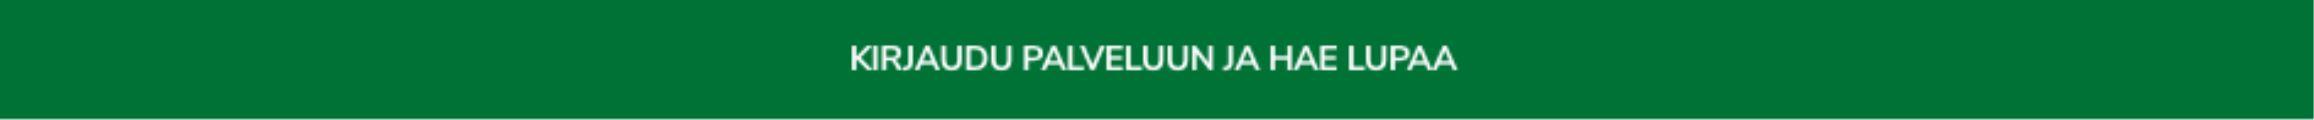 Hae lupaa Oma riista -palvelussa. Painamalla tätä siirryt osoitteeseen oma.riista.fi